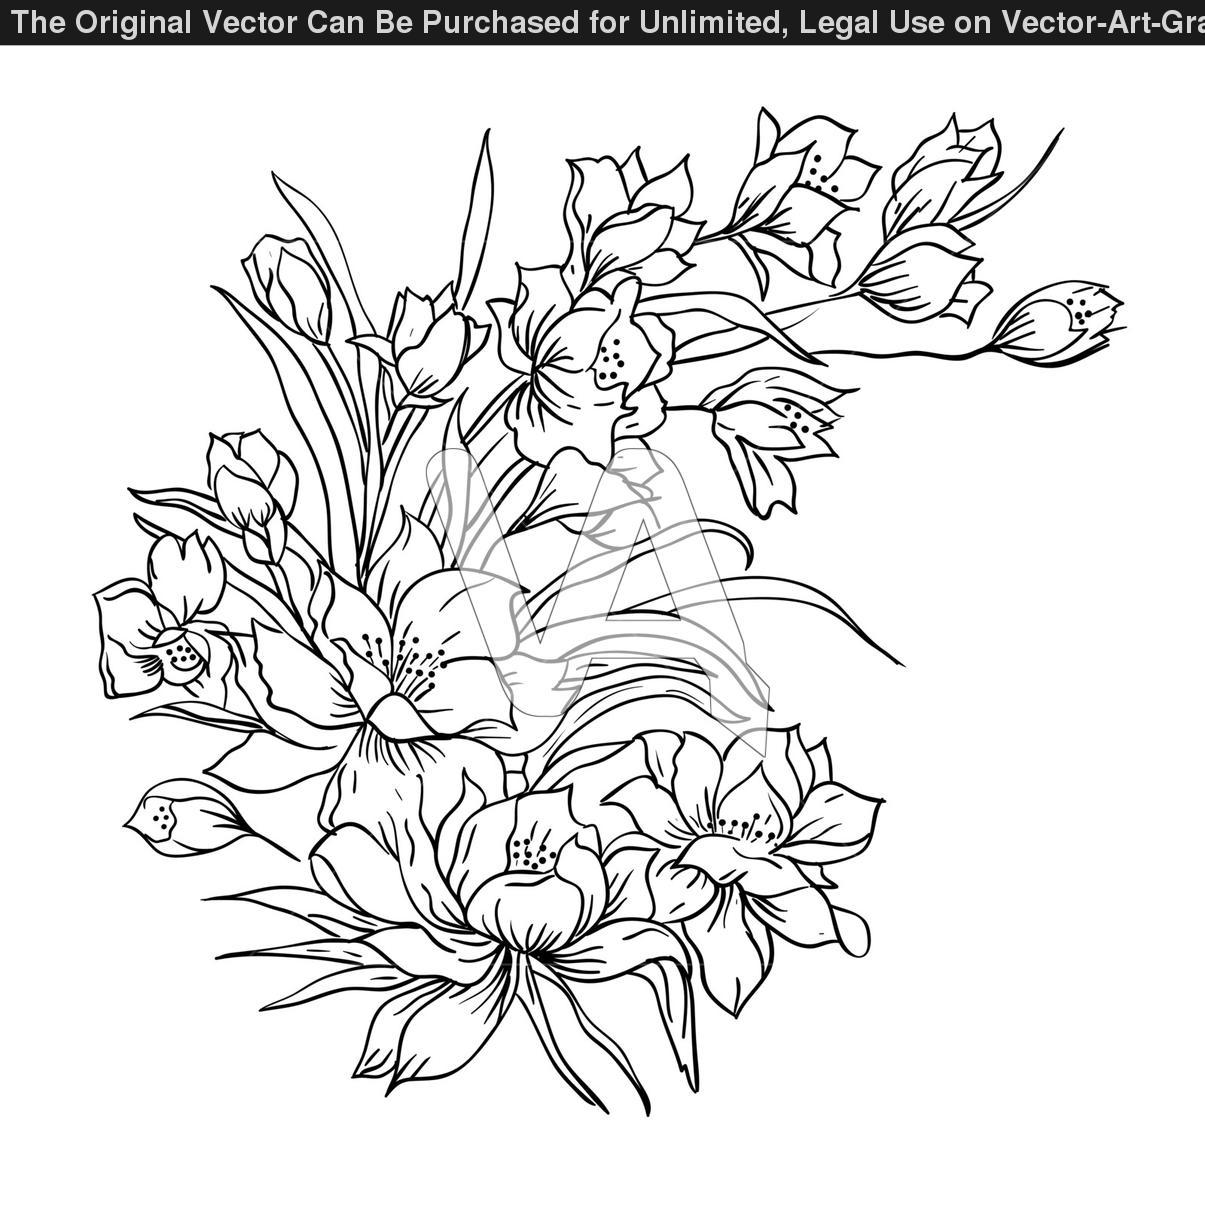 1205x1205 Flower Bunch Tattoo Sketch Drawn Flower Flower Bunch